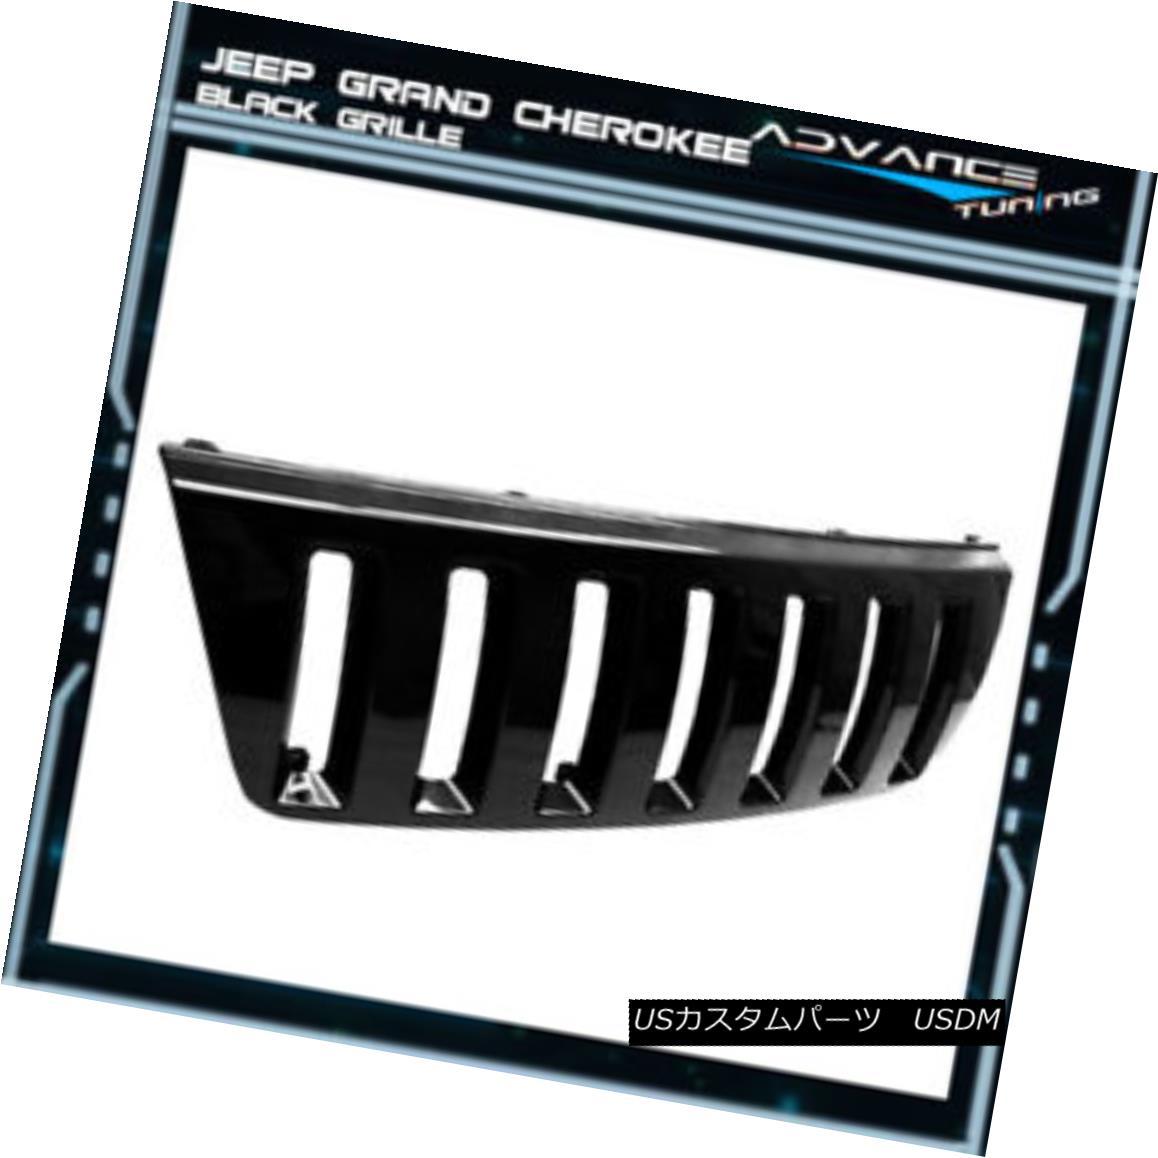 グリル For 99-03 Jeep Grand Cherokee WJ H2 Look Front Bumper Hood Grill Grille 00 01 02 99-03ジープグランドチェロキーWJ H2ルーフフロントバンパーフードグリルグリル00 01 02